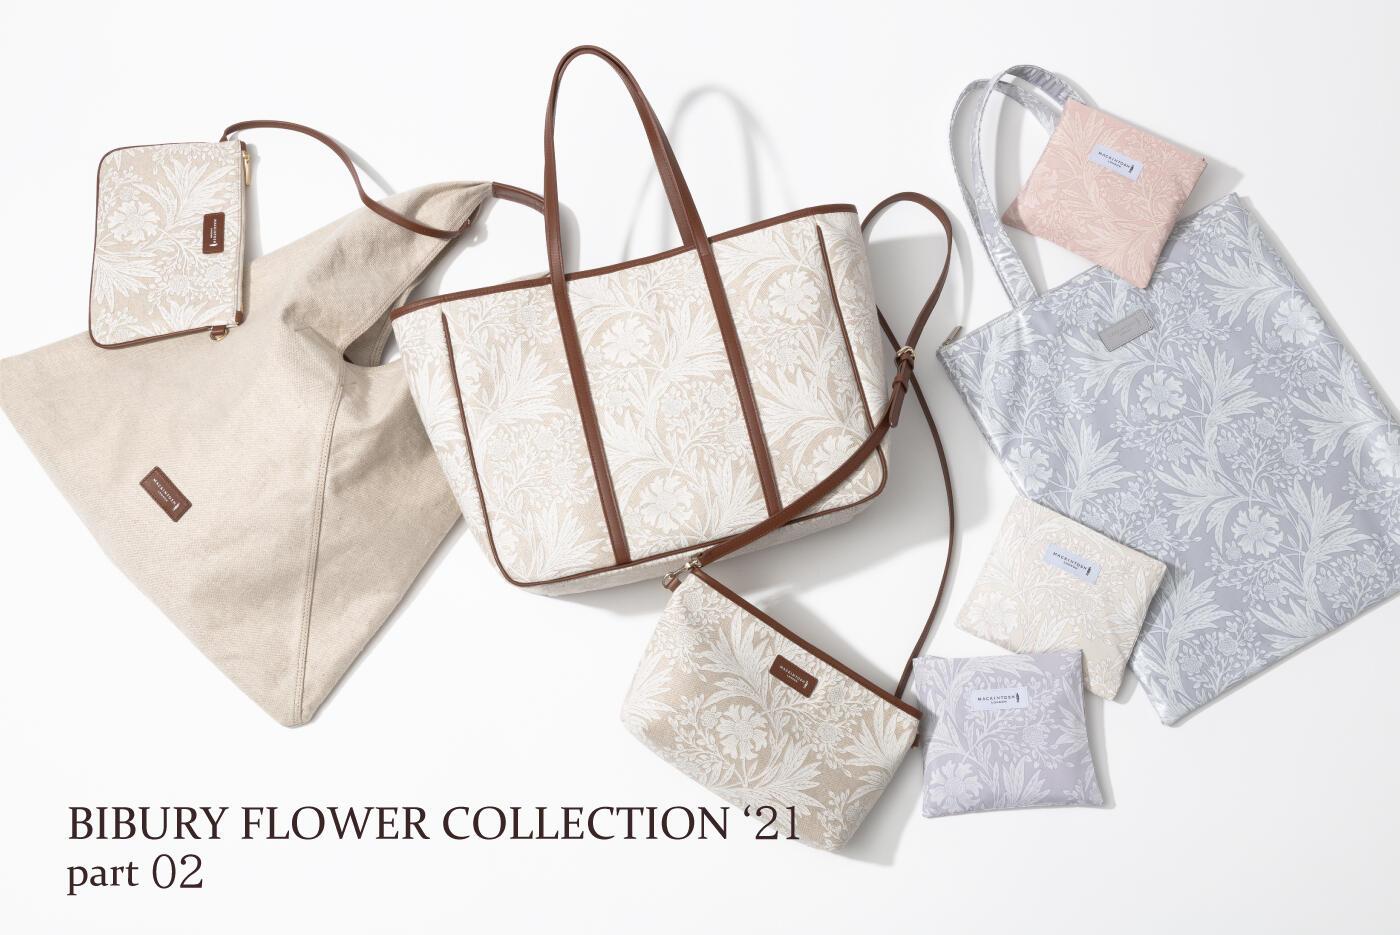 - BIBURY FLOWER COLLECTION '21 part 02 - バイブリーフラワーのバッグセレクション